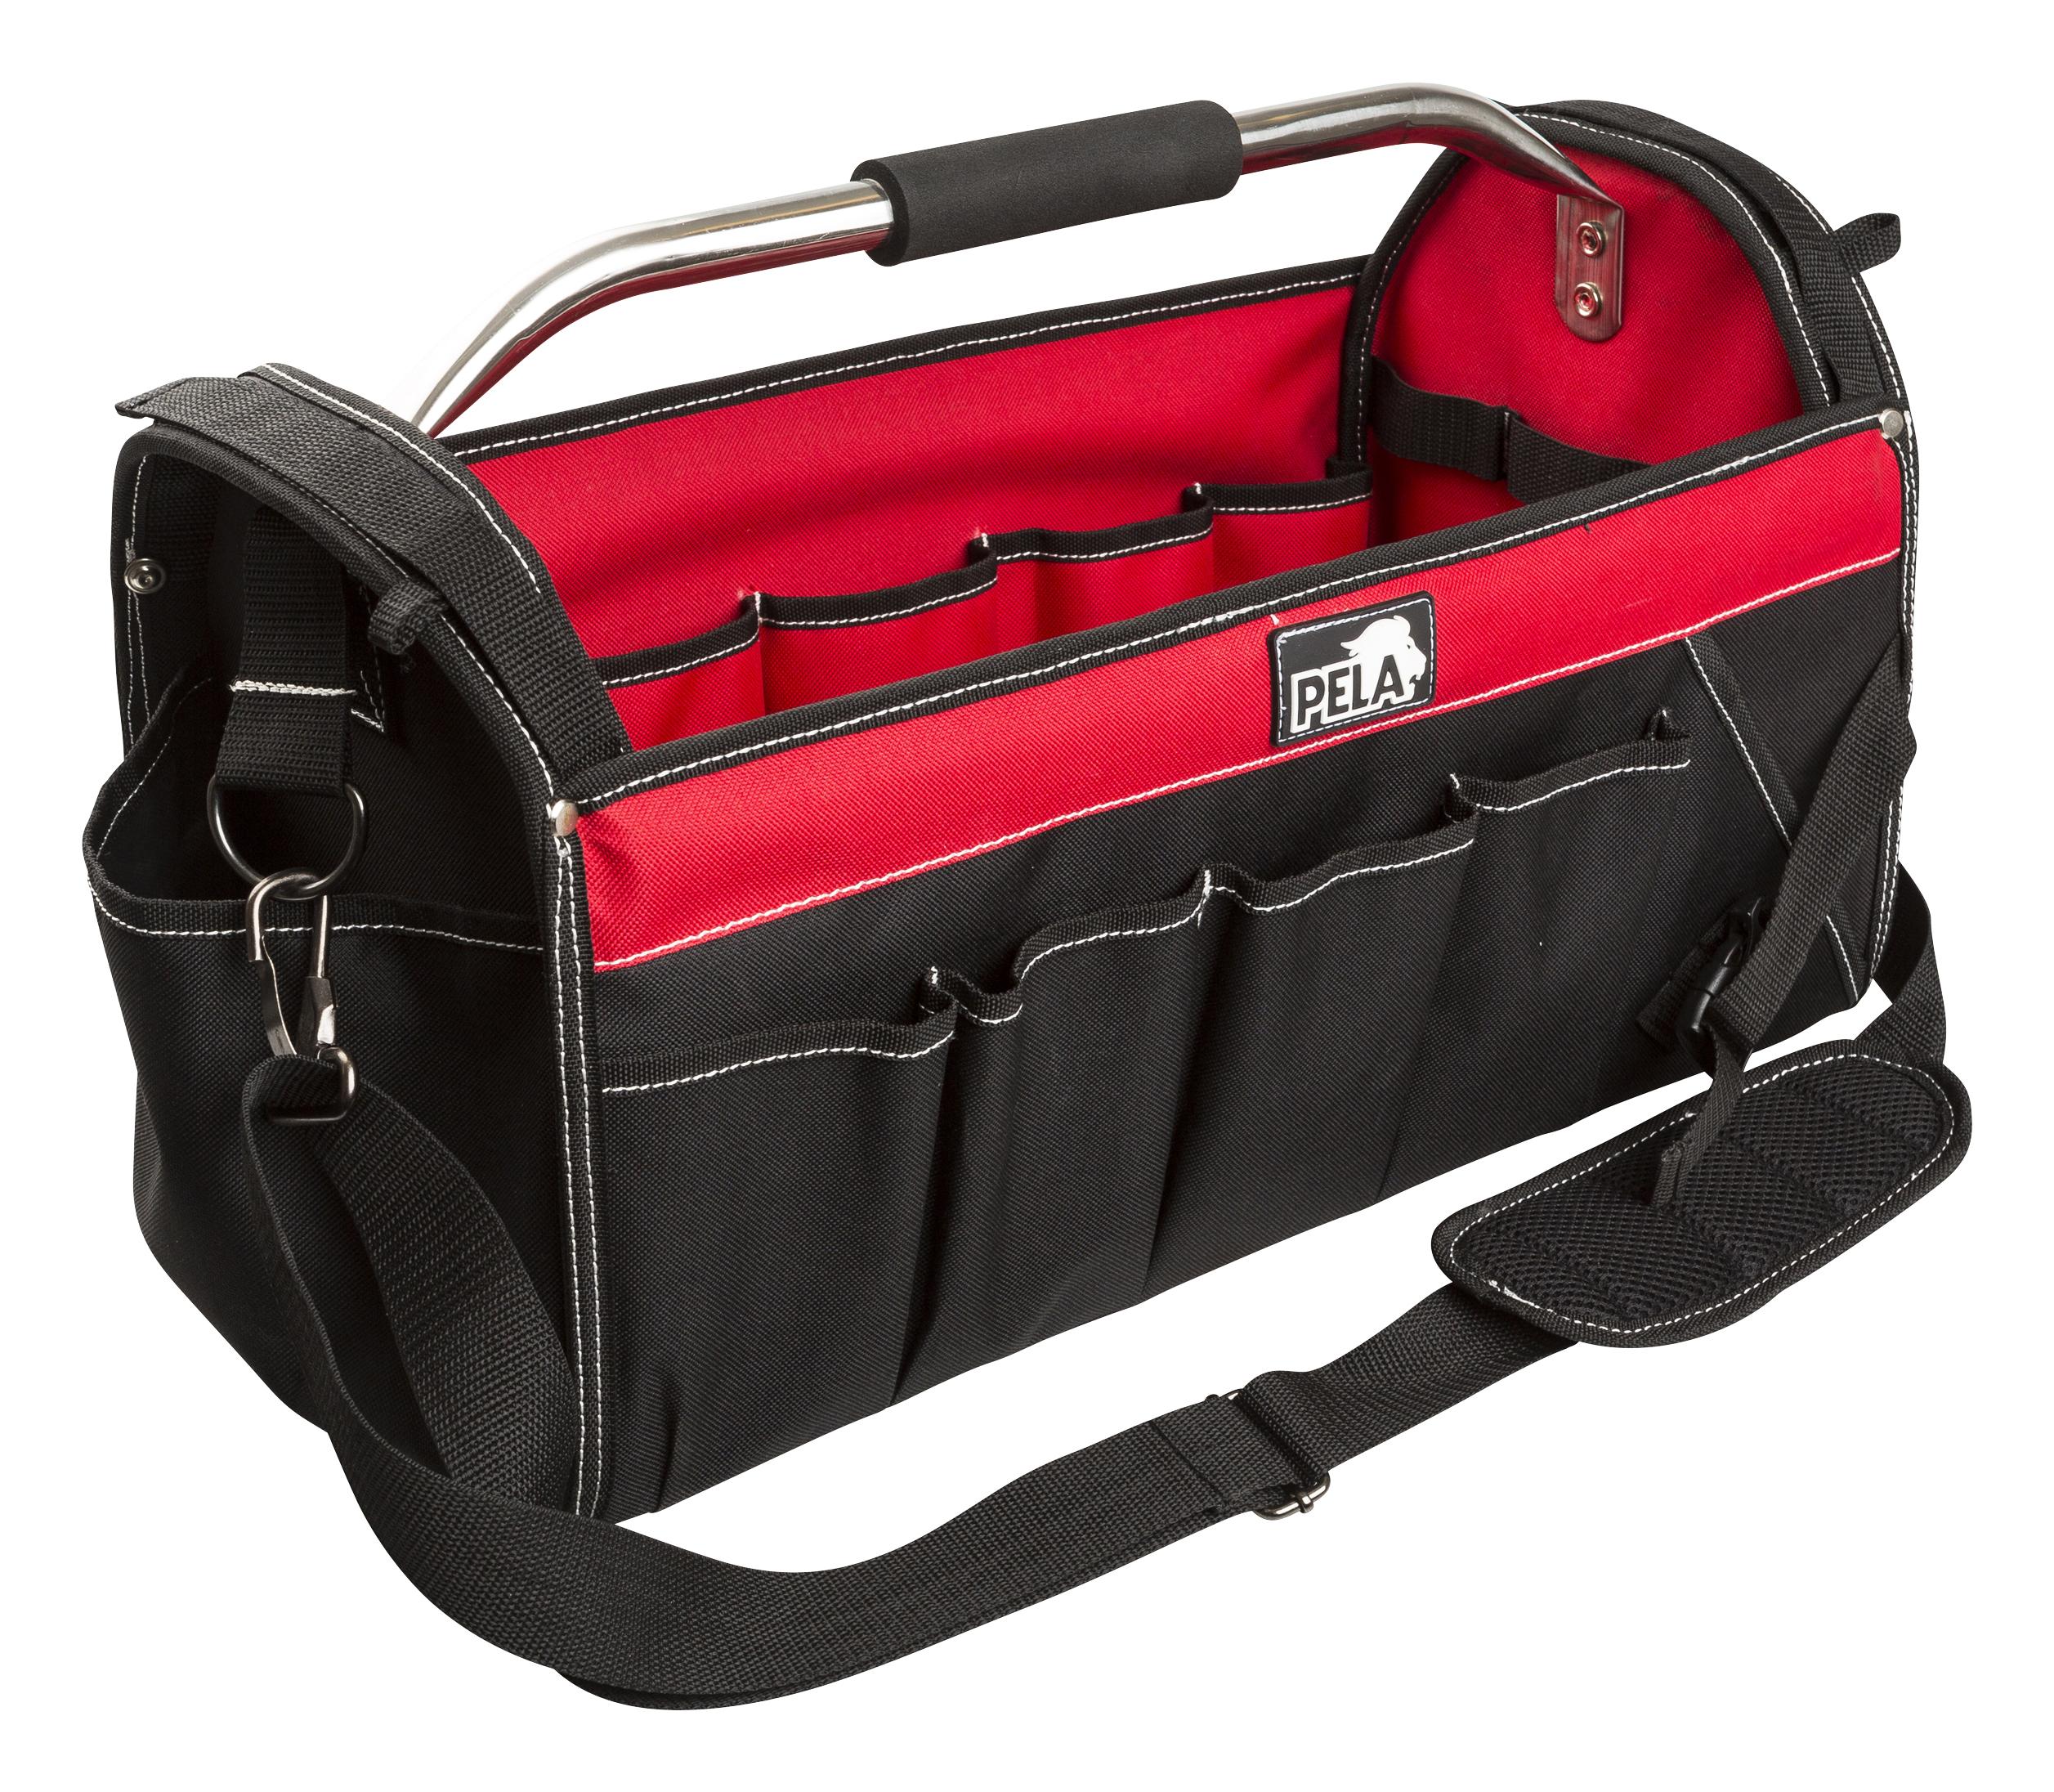 Buy Tool bag for carpenters at PELA Tools